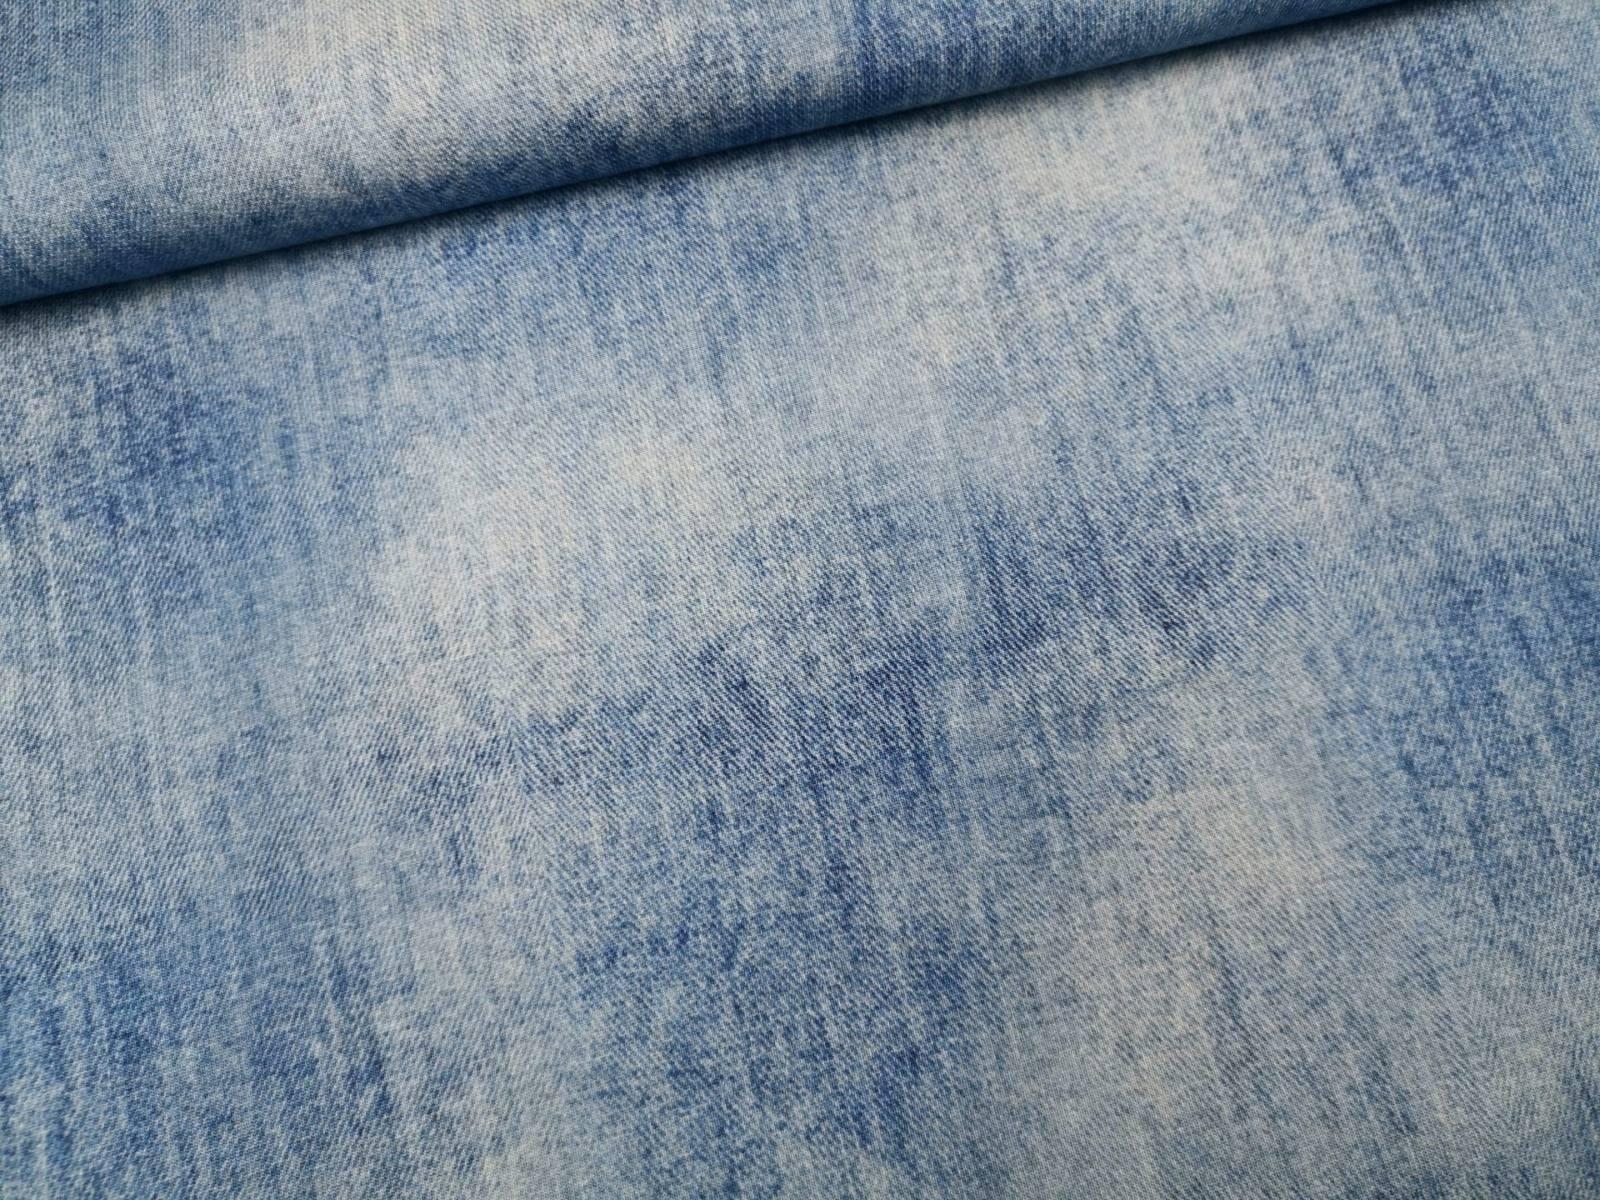 Sommersweat Denimlook jeansblau